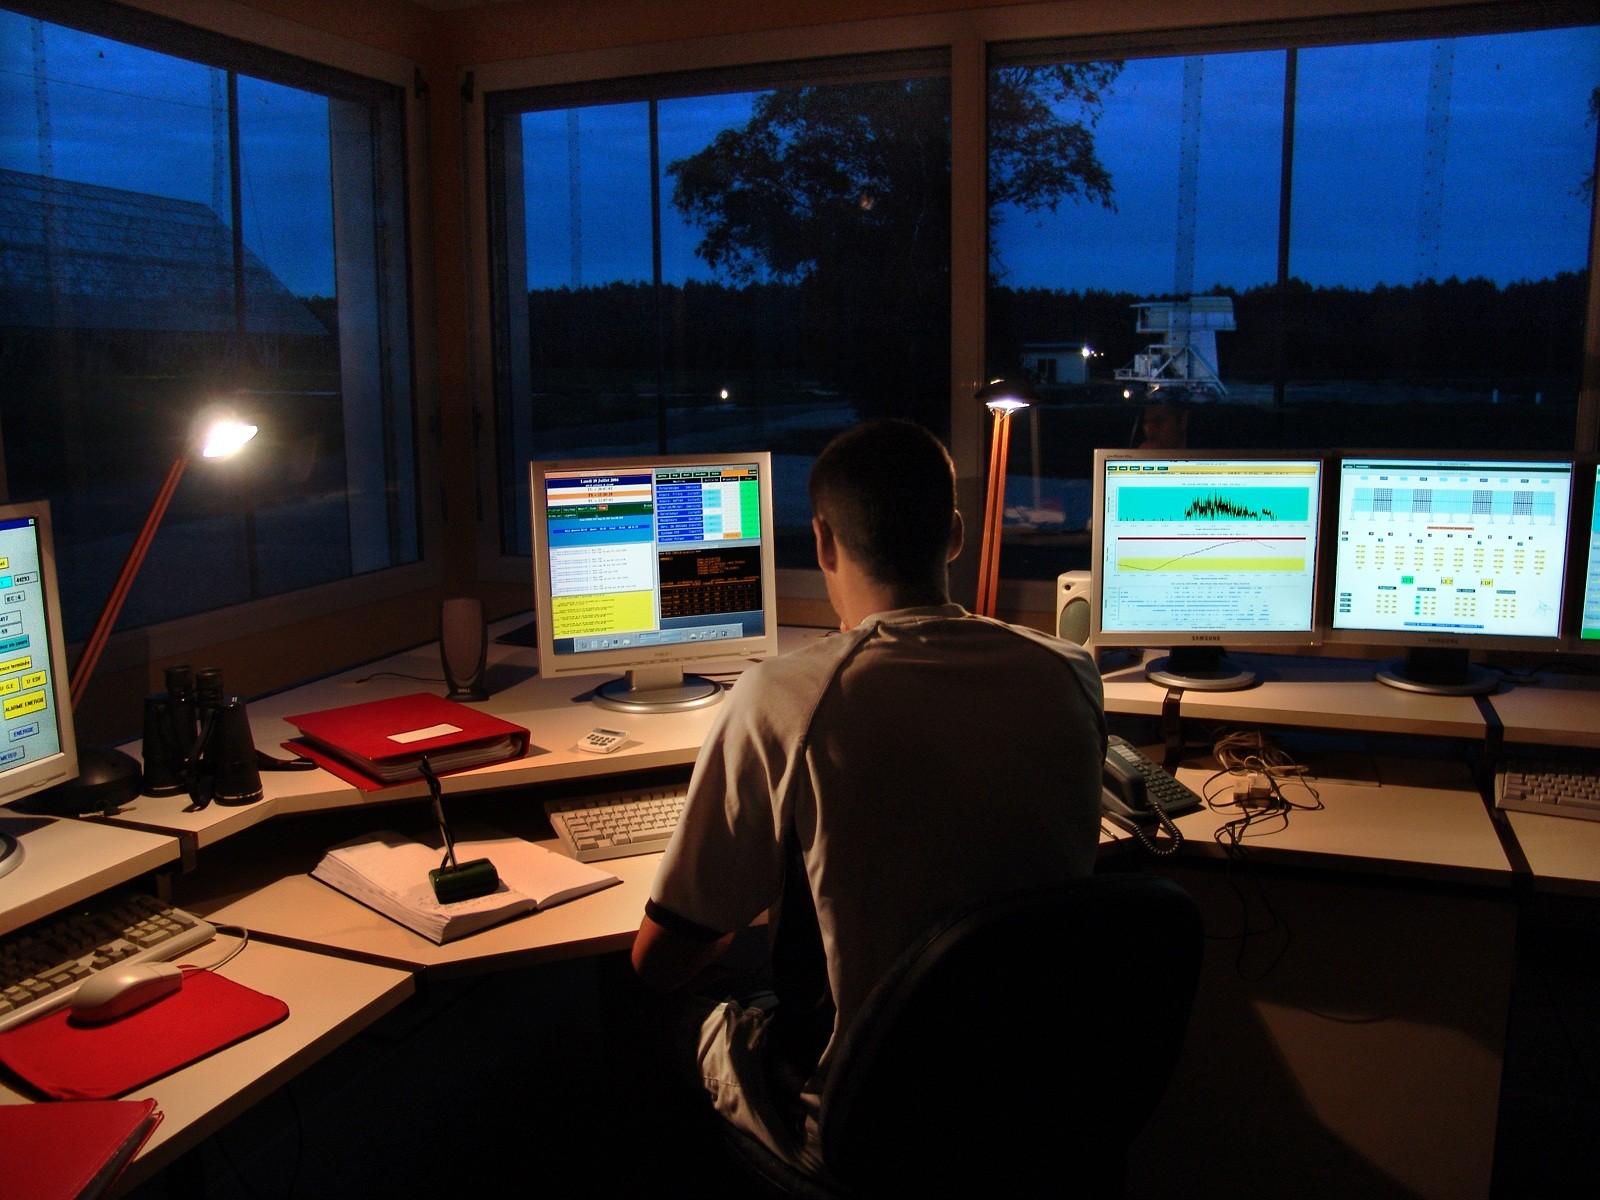 La salle de contrôle du Grand Radiotélescope - Droits : A. Willaume